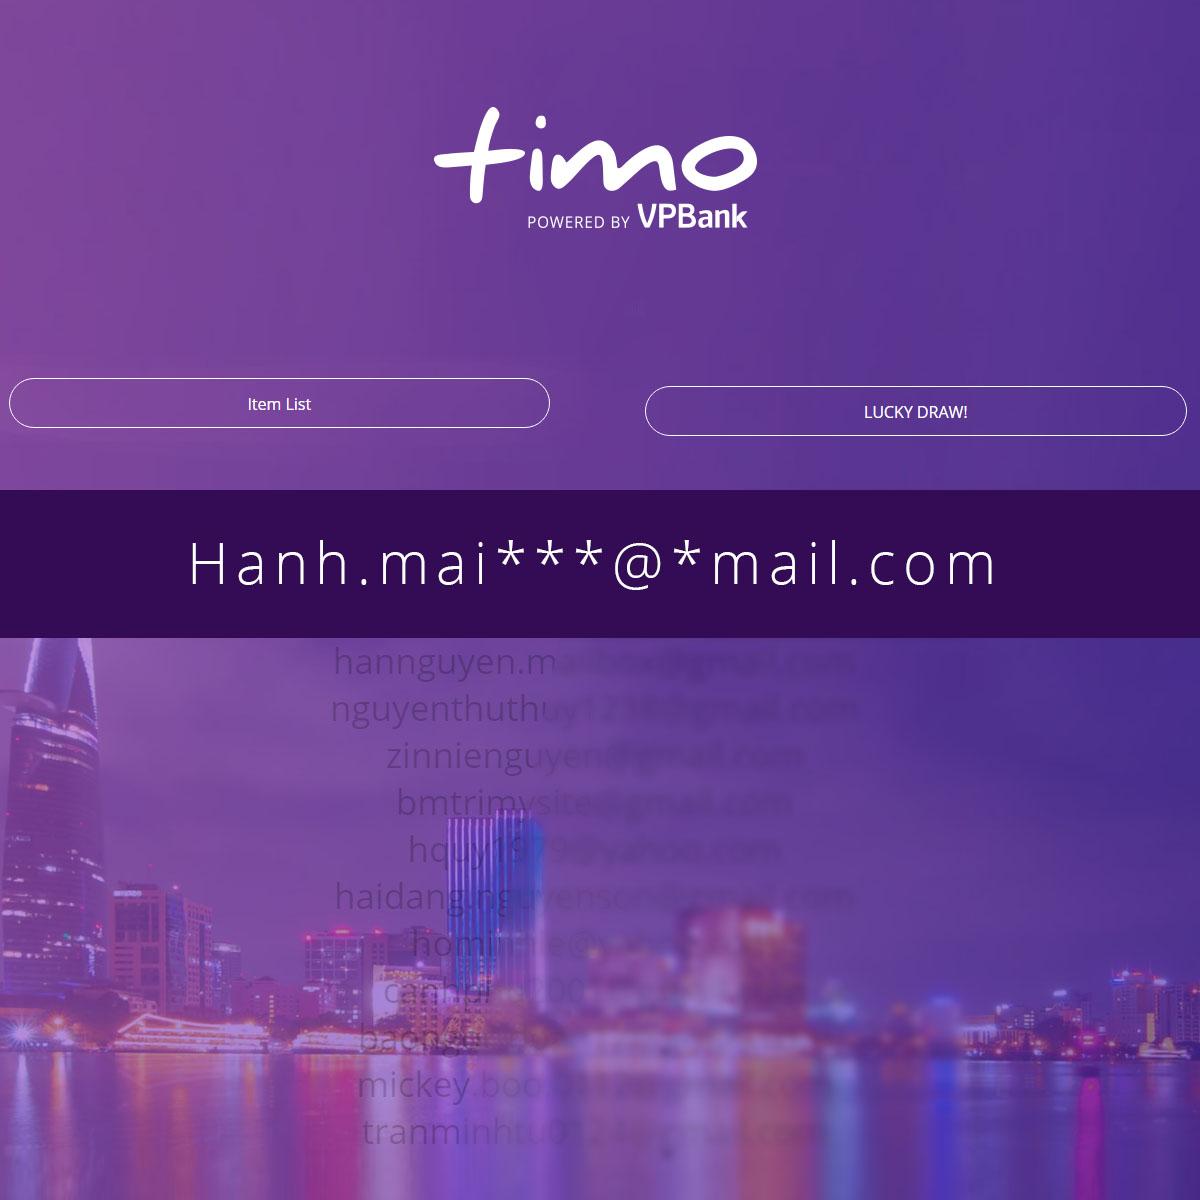 timo goal save hanh